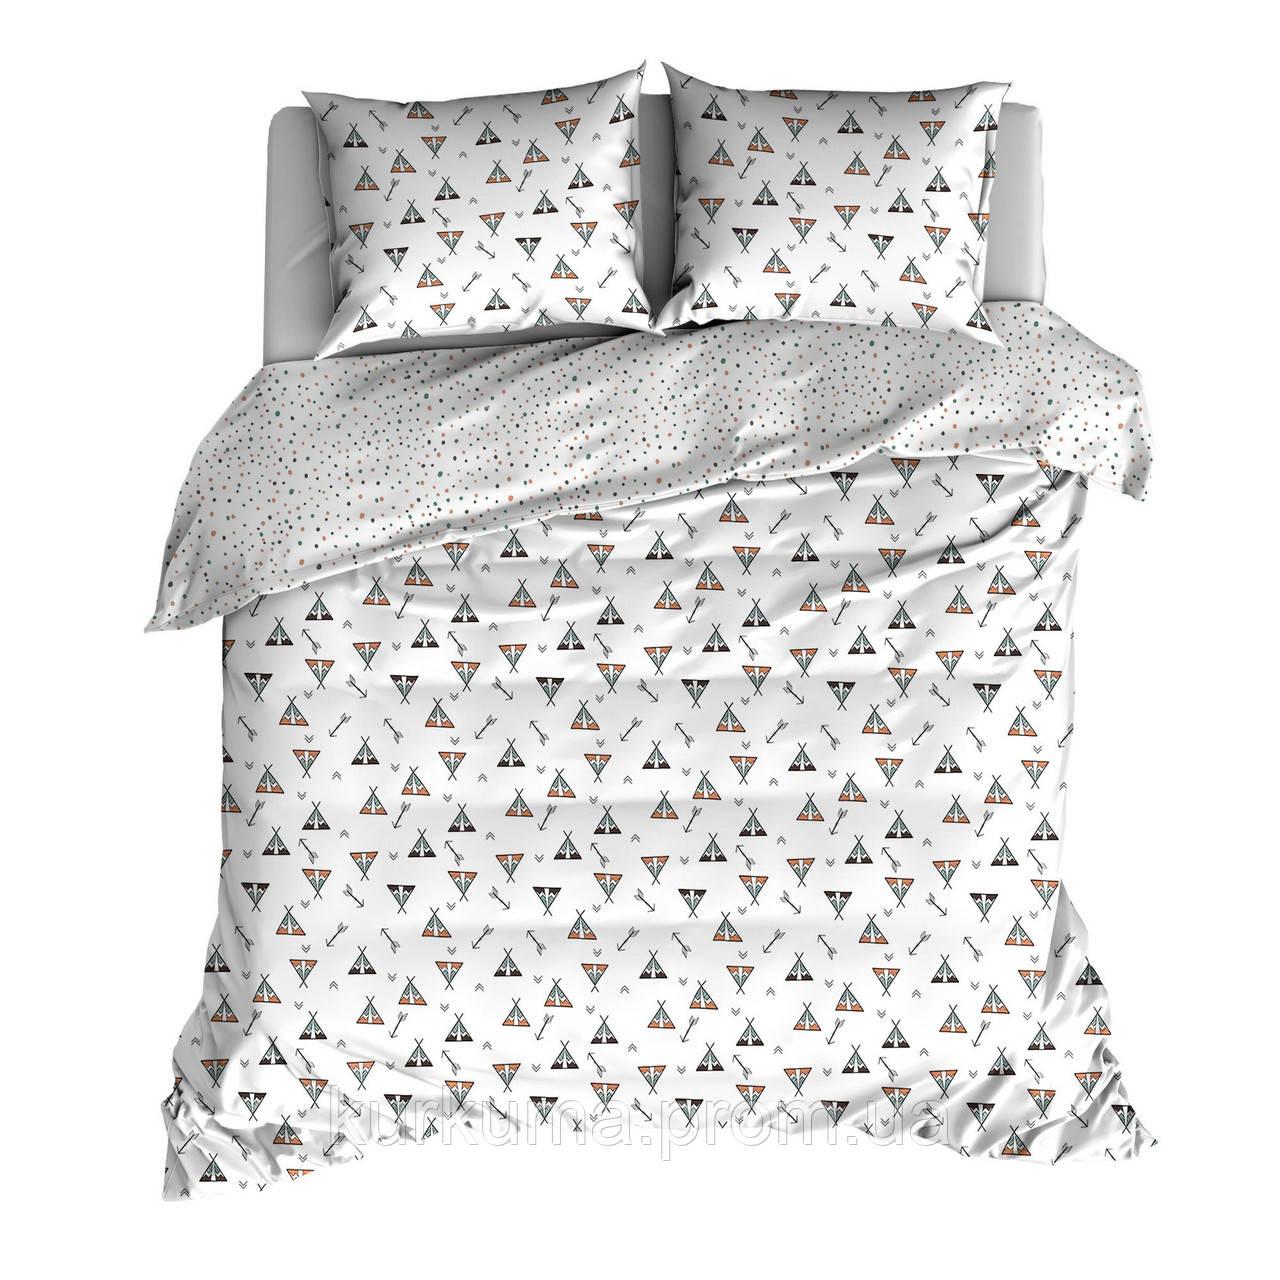 Комплект постельного белья TIPI 160x200 см